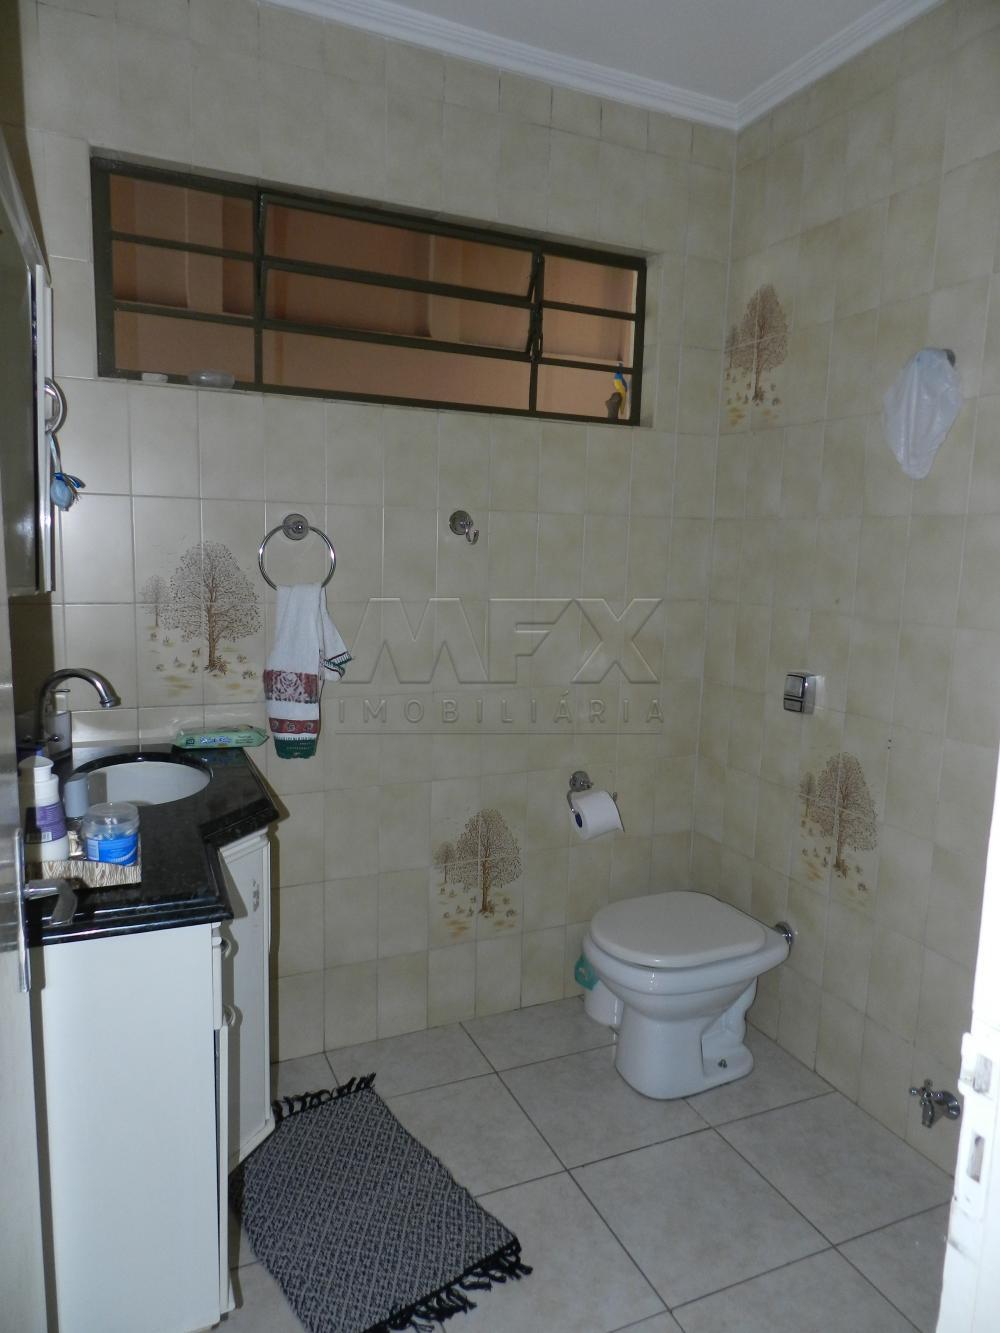 Comprar Casa / Padrão em Bauru apenas R$ 480.000,00 - Foto 15